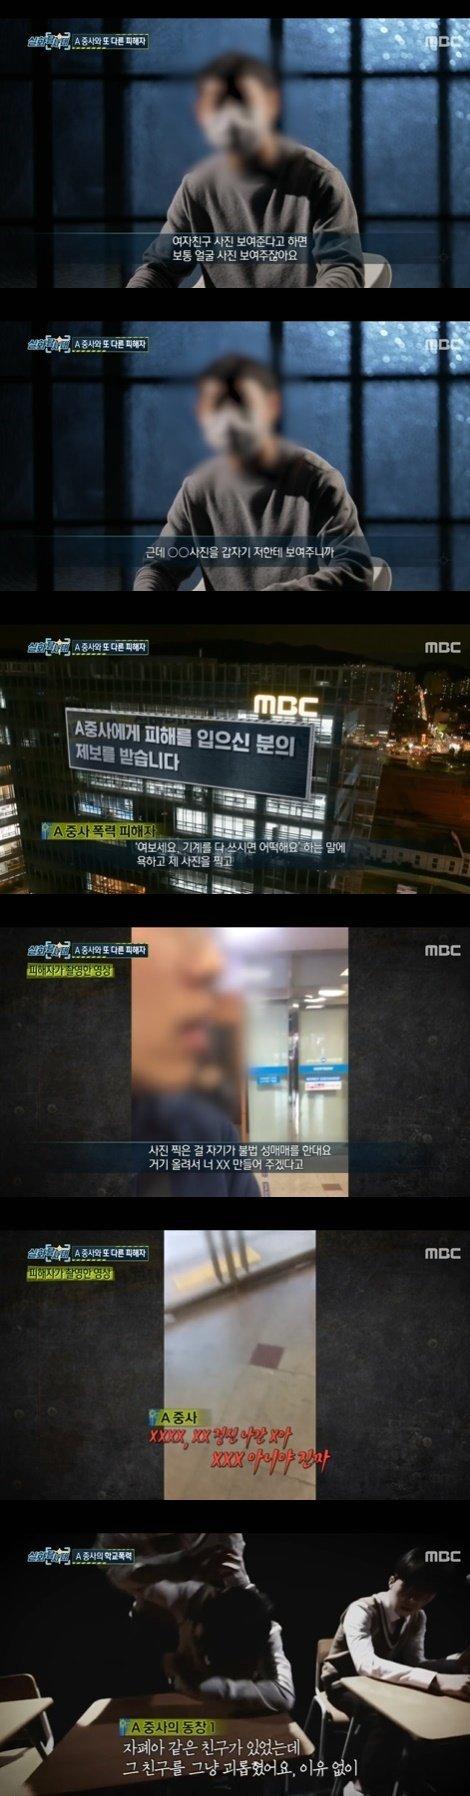 성범죄 논란에 휩싸인 A중사의 실체가 밝혀졌다. /사진=MBC '실화탐사대' 방송화면 캡처